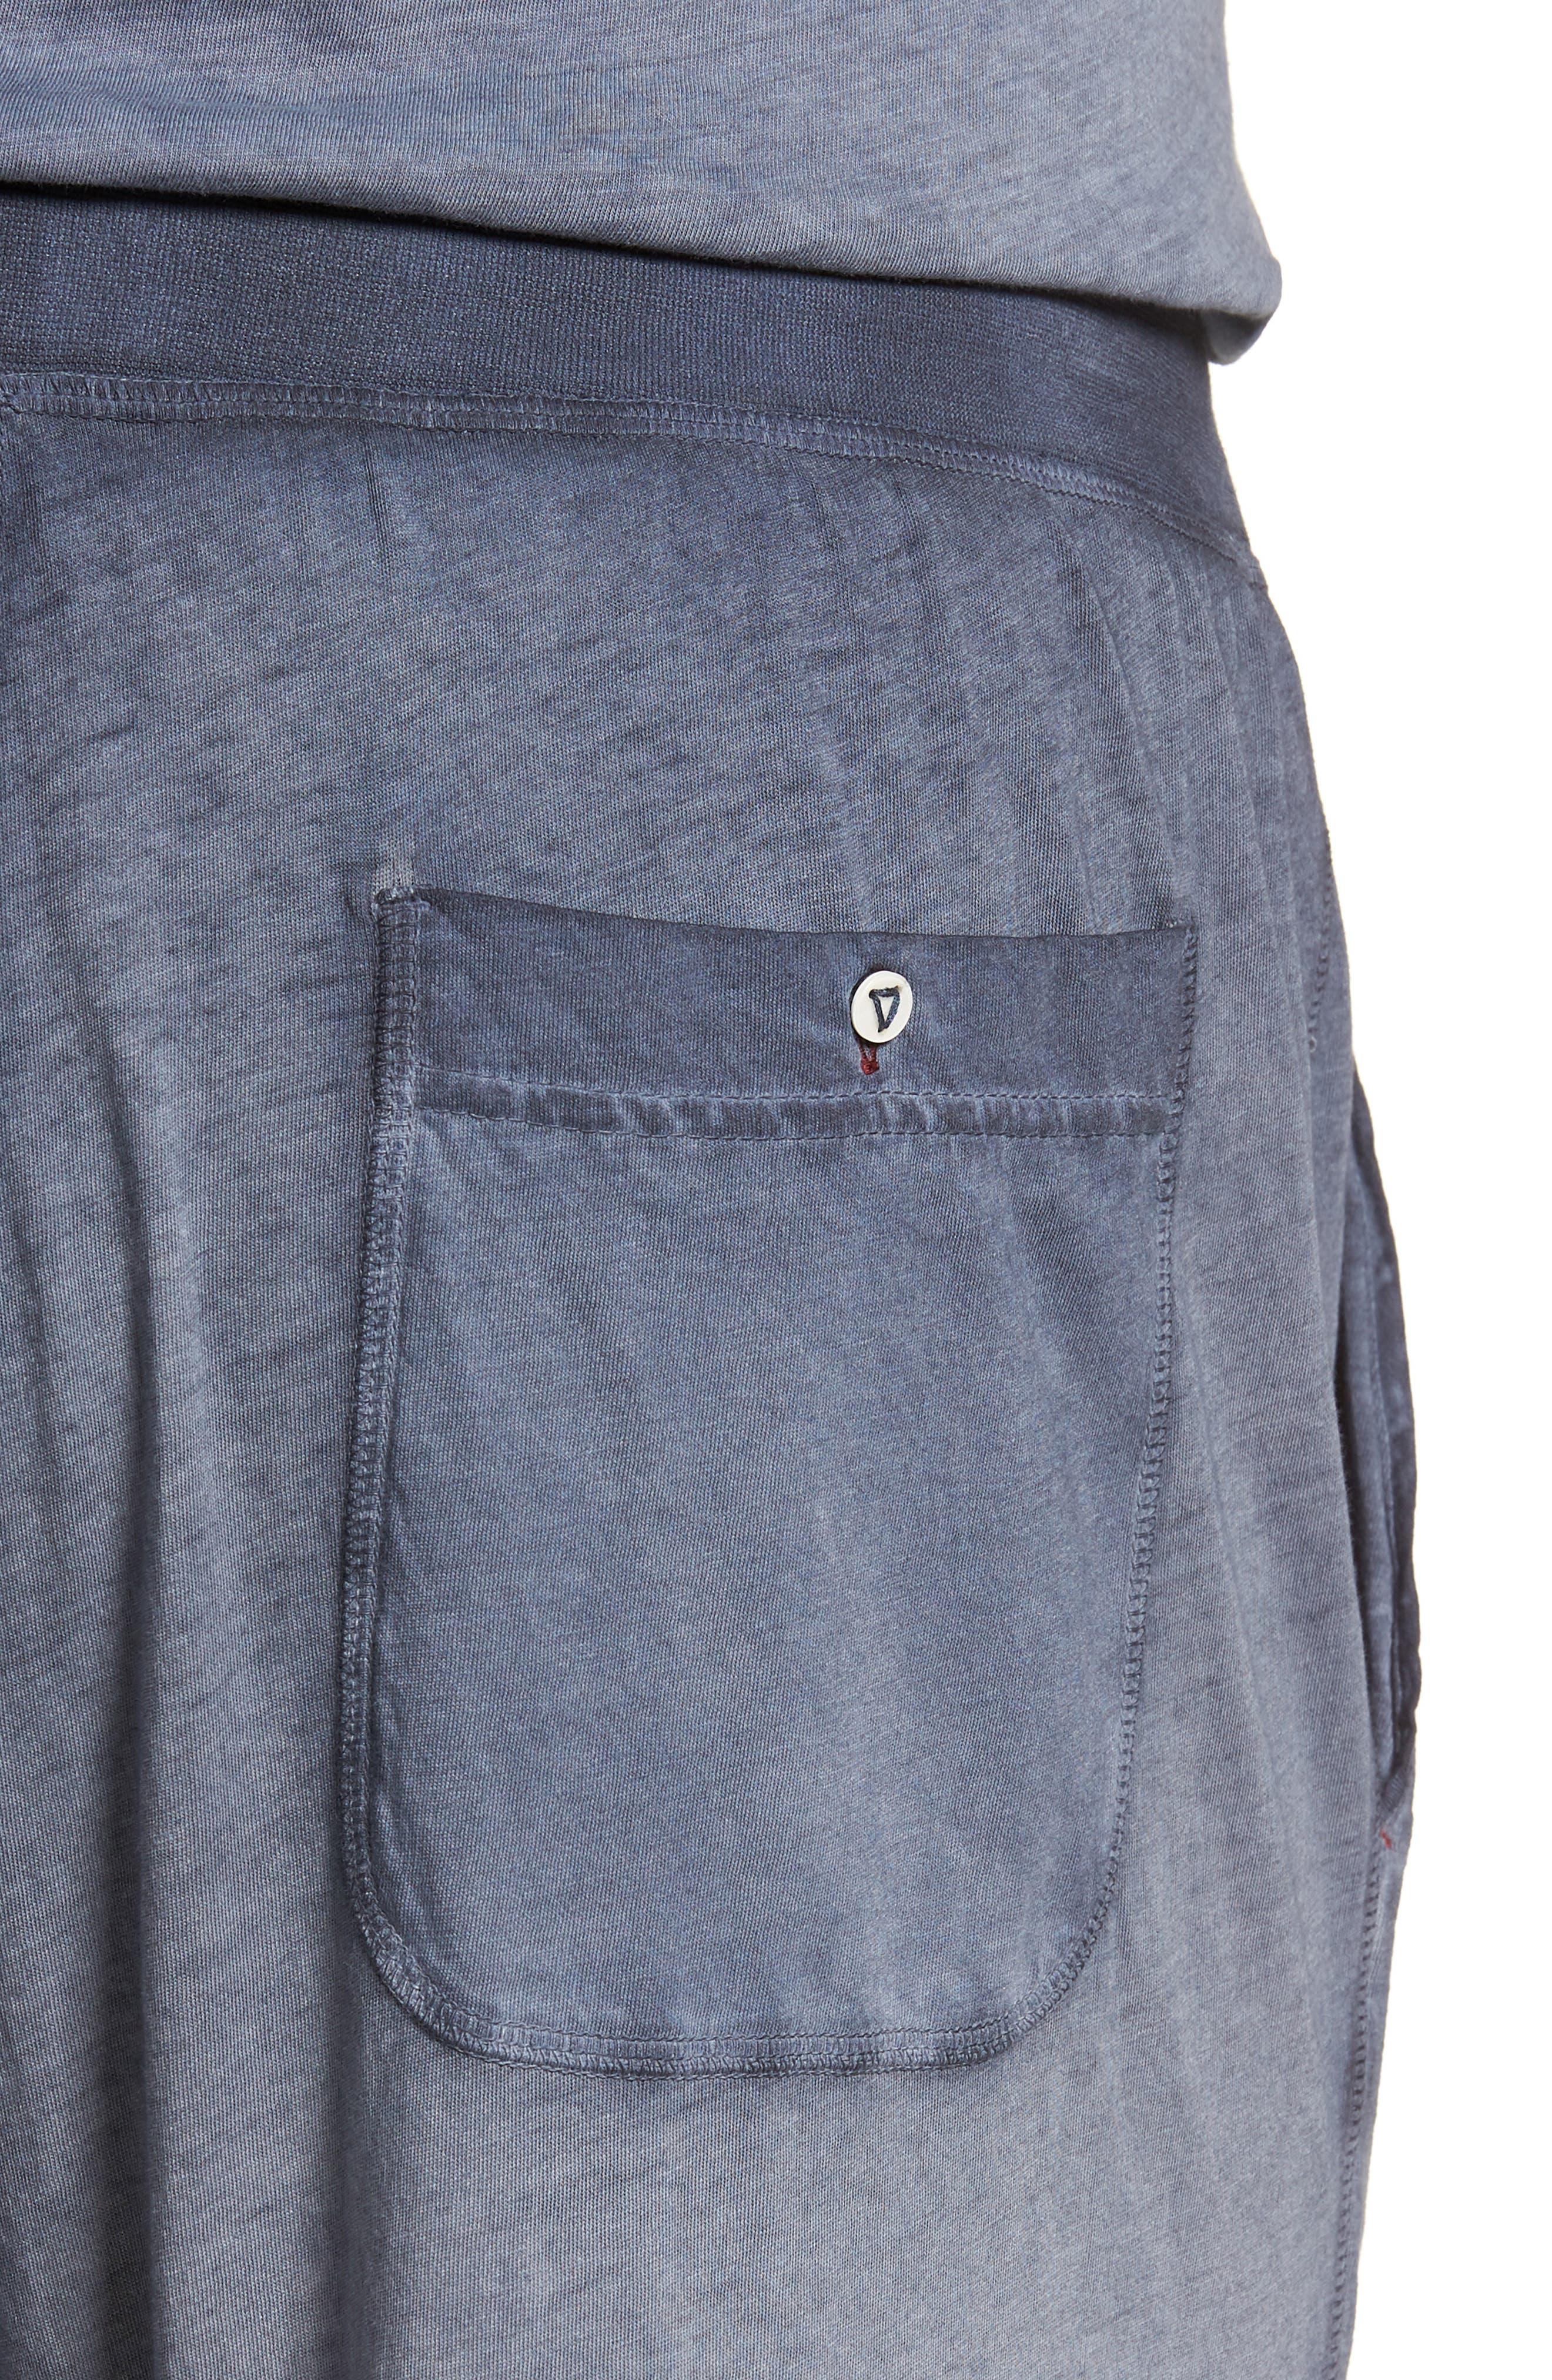 Cotton Lounge Pants,                             Alternate thumbnail 4, color,                             410